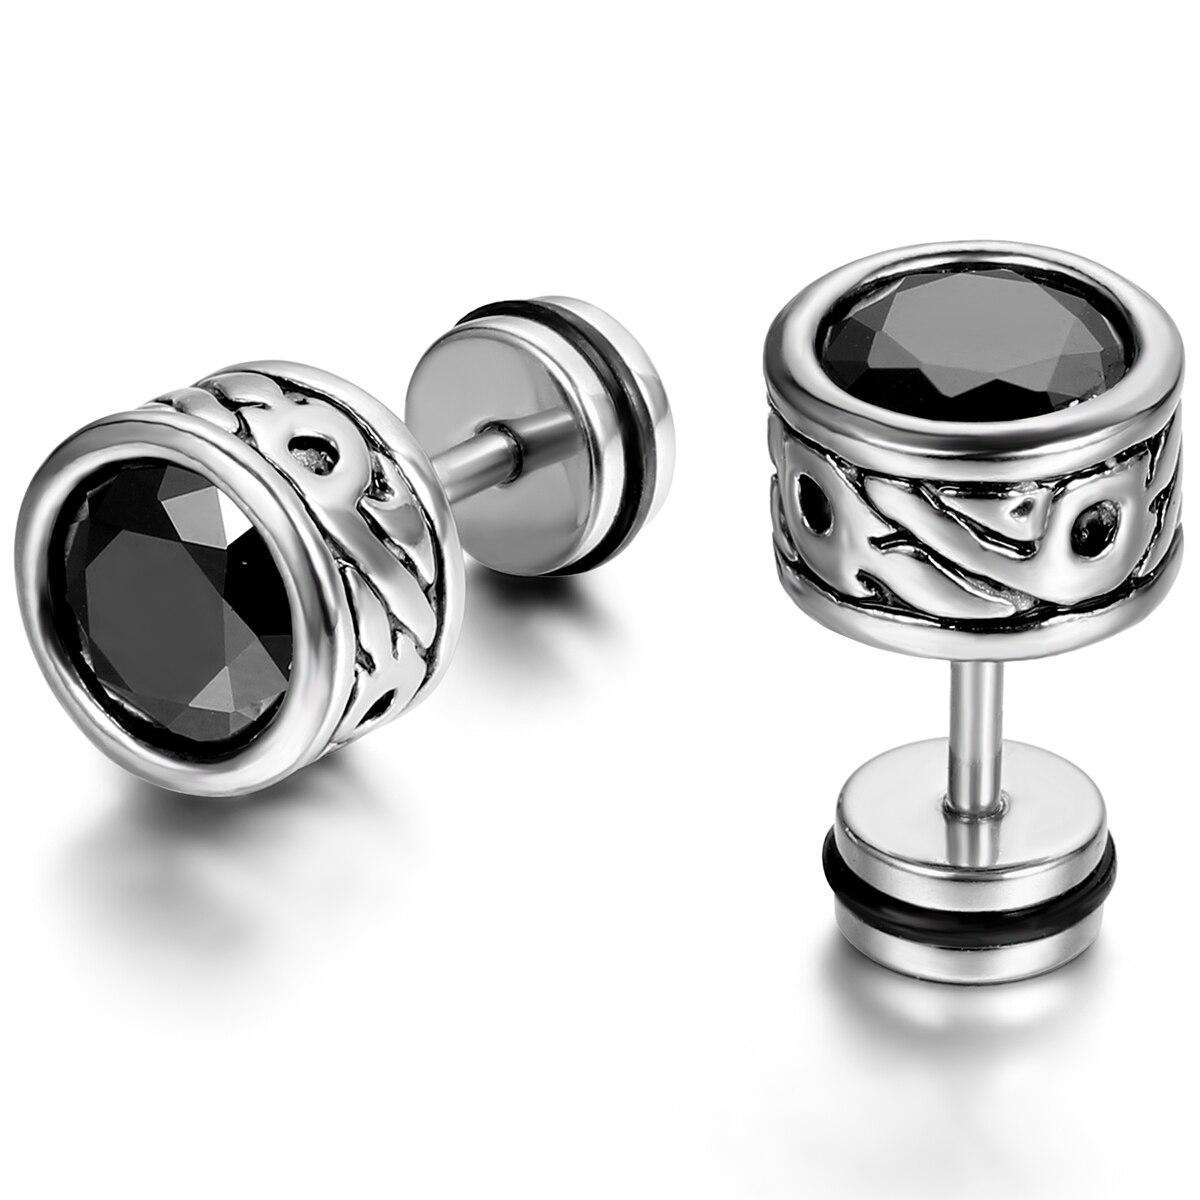 BONISKISS hommes acier inoxydable Stub boucles d'oreilles classique Boucle D'oreille avec des pierres de cristal charmant noir Simple bijoux